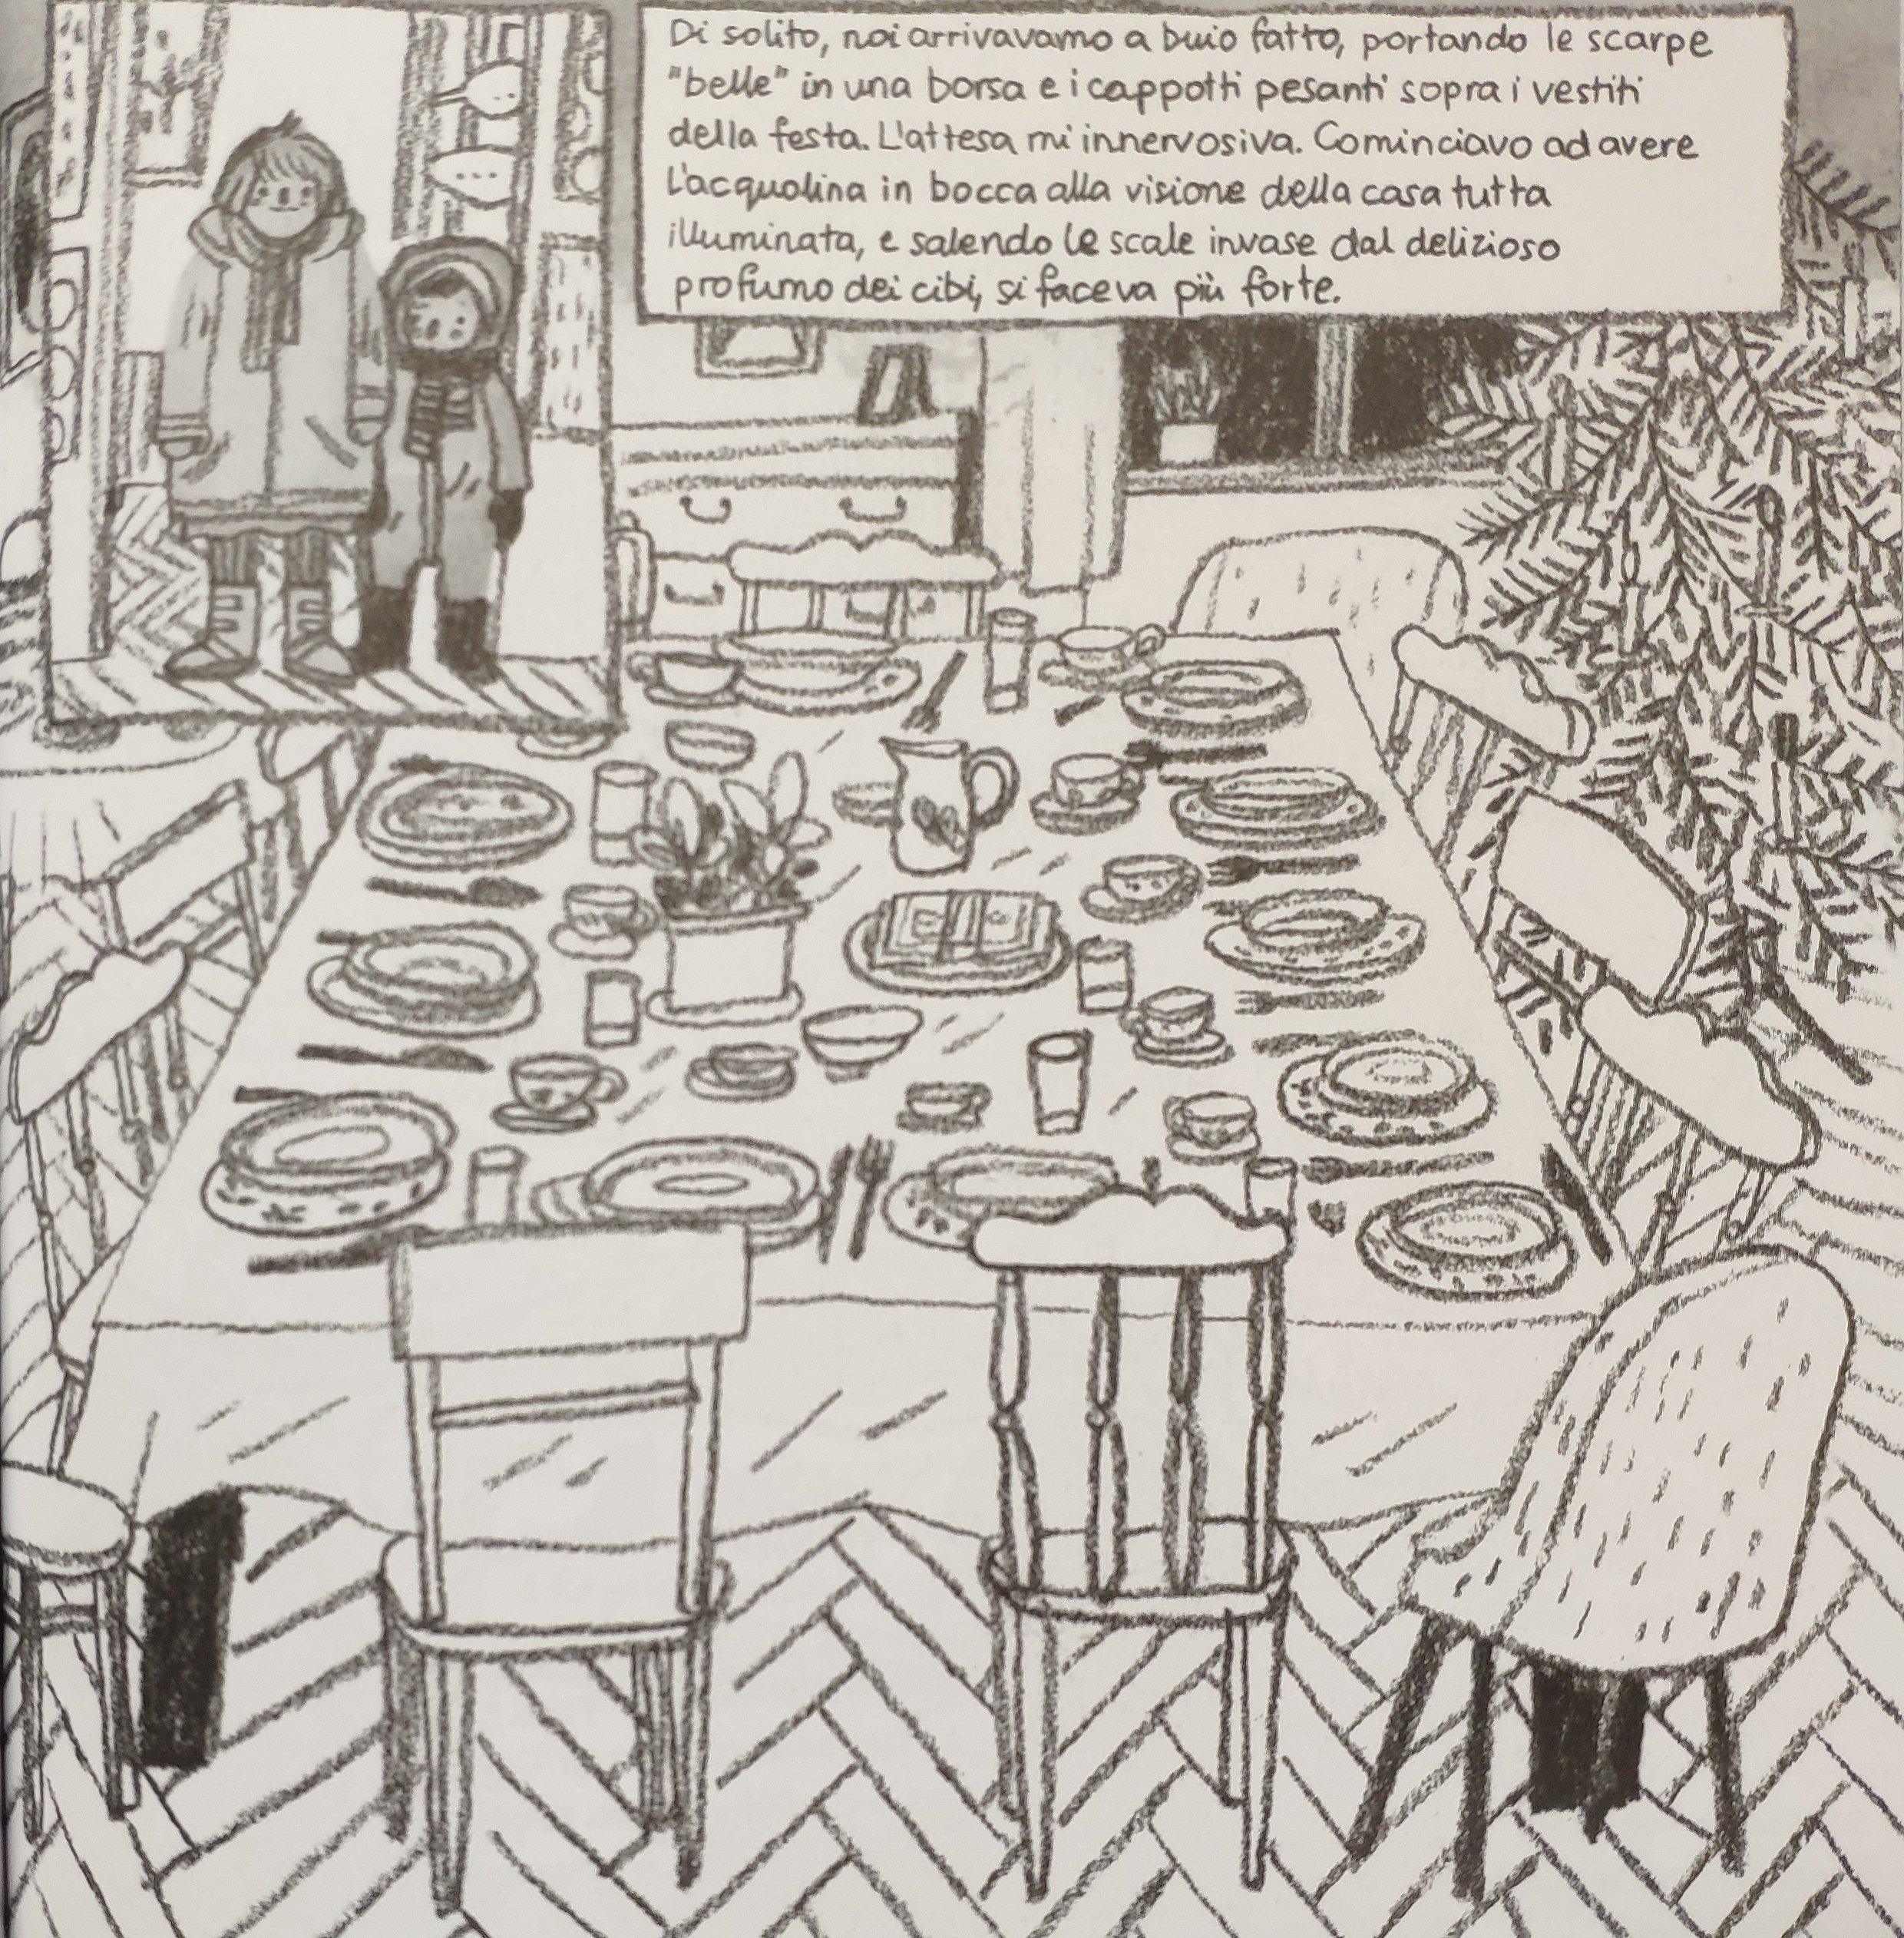 Mio caro fumetto… – La tavola del 23 dicembre a Pszczelin